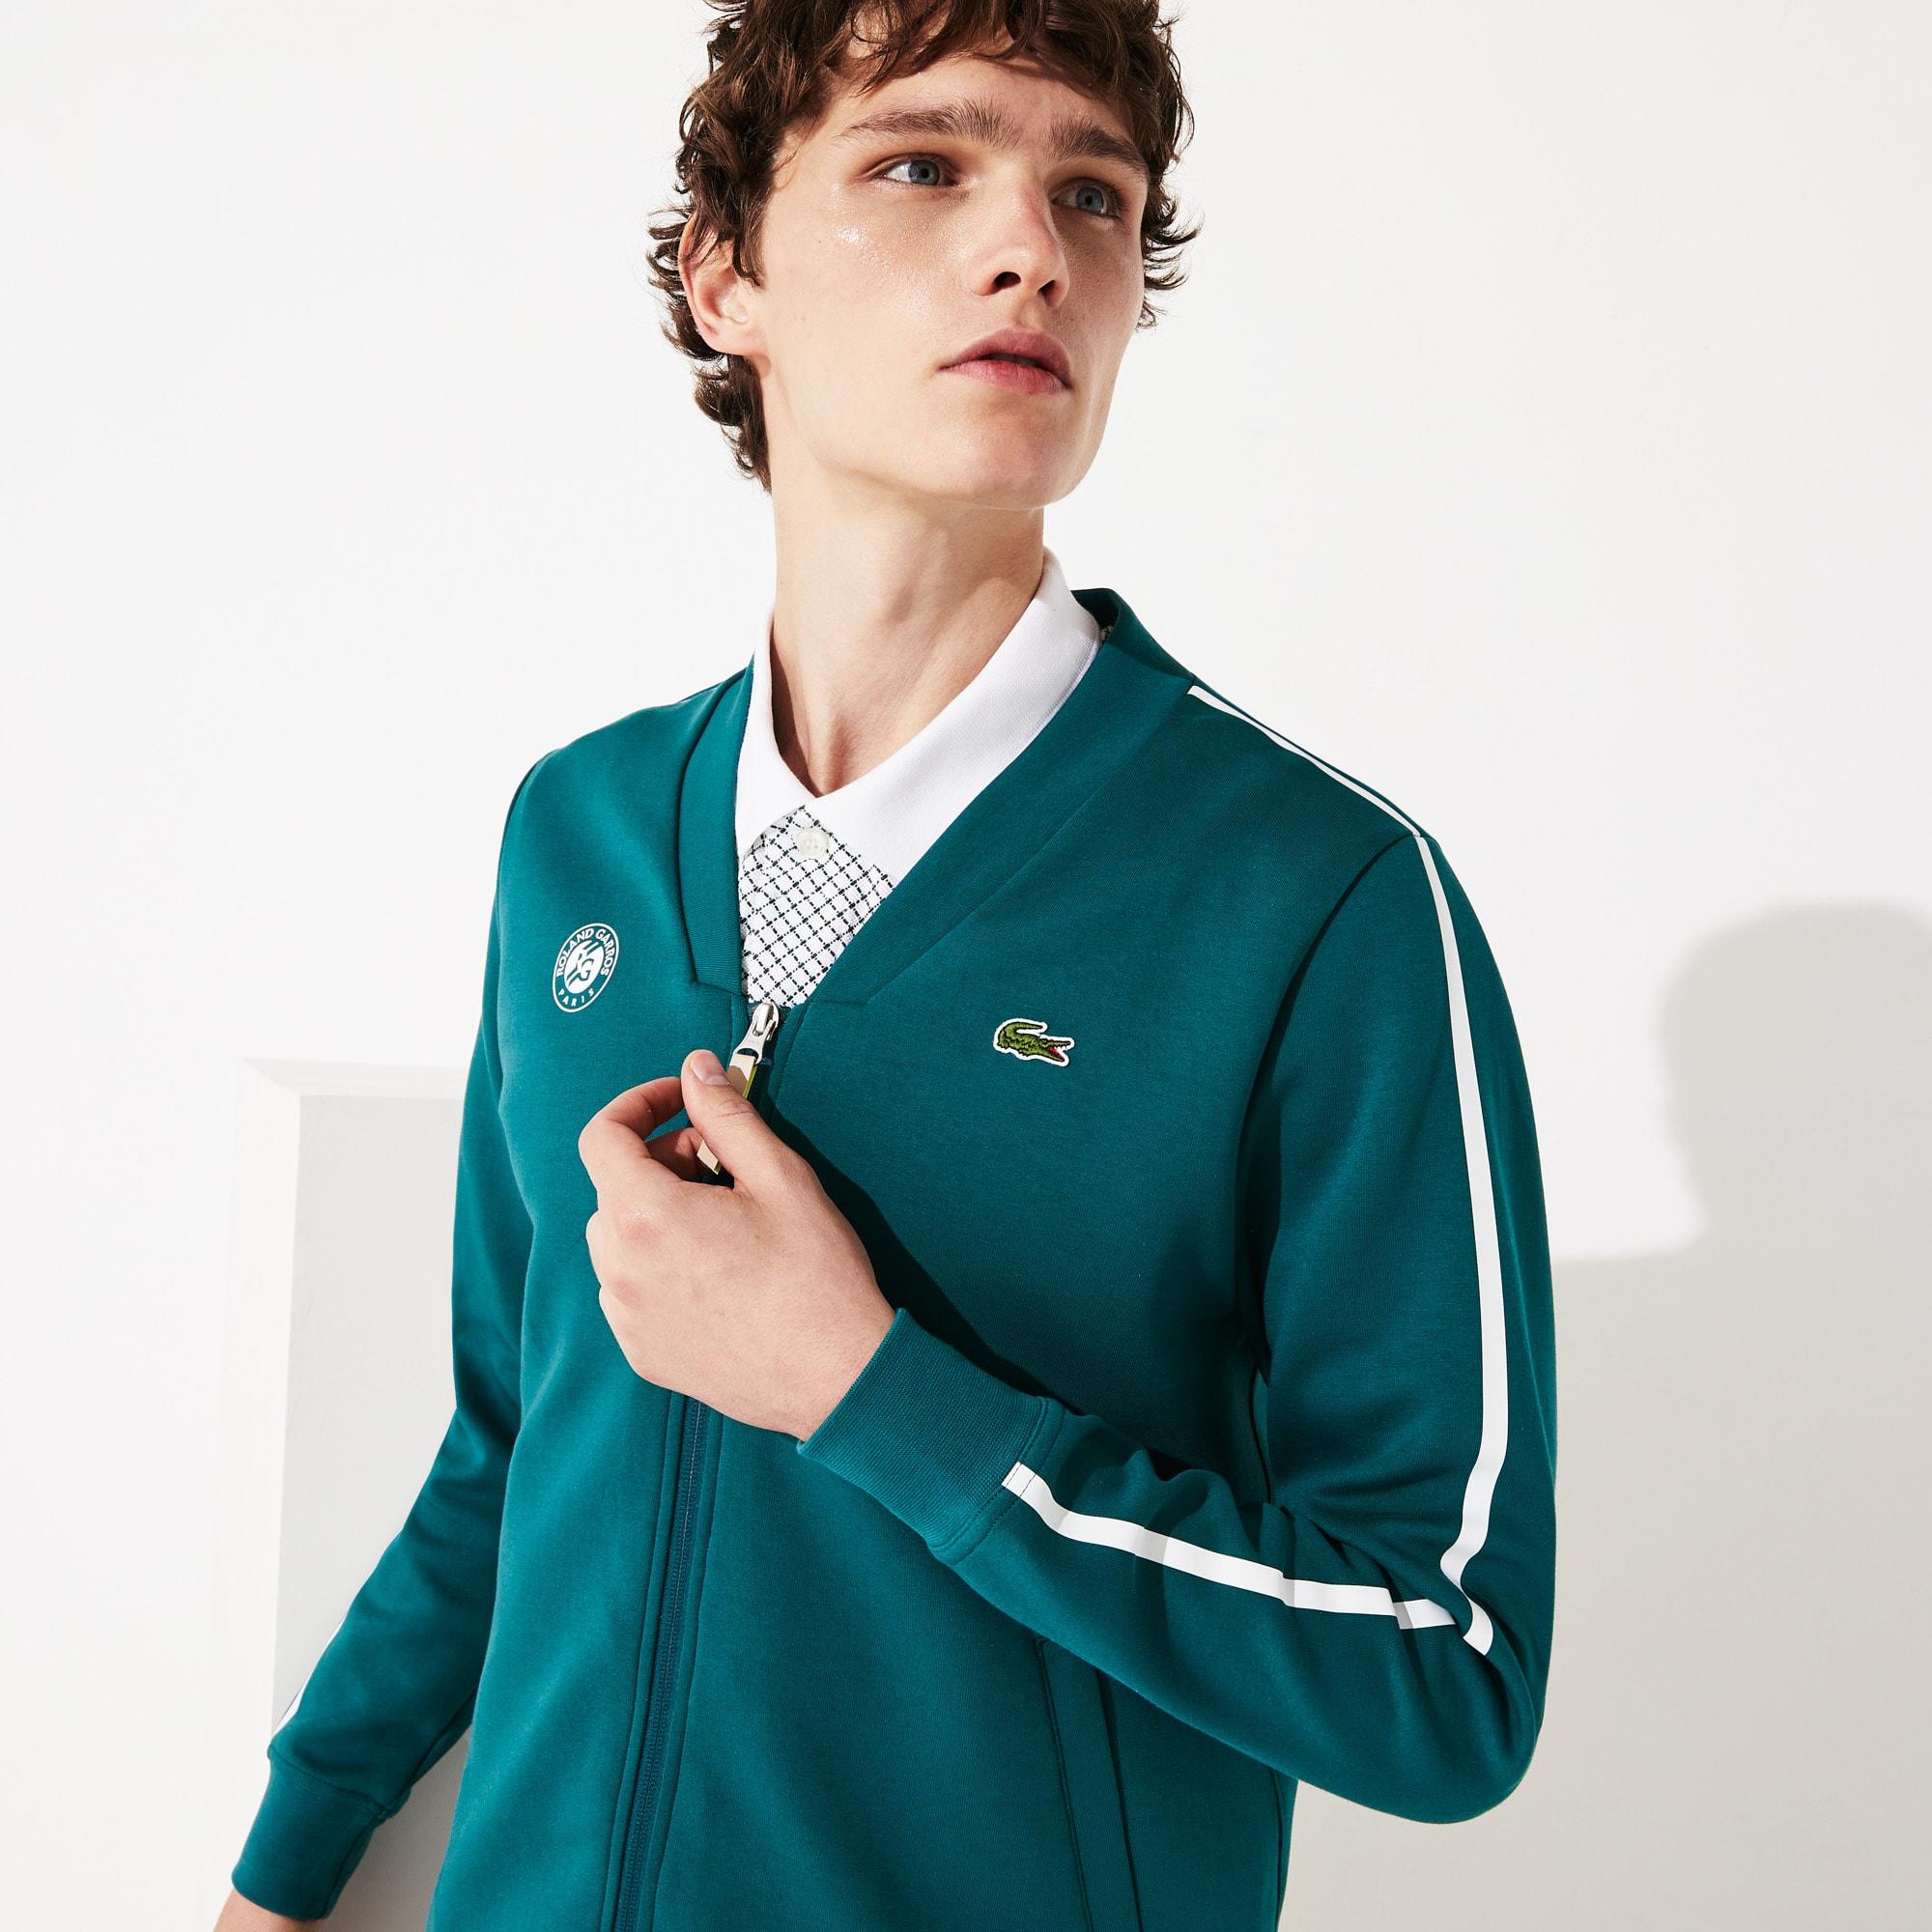 라코스테 스포츠 롤랑가로스 맨투맨 Lacoste Mens SPORT Roland Garros V-Neck Zip Sweatshirt